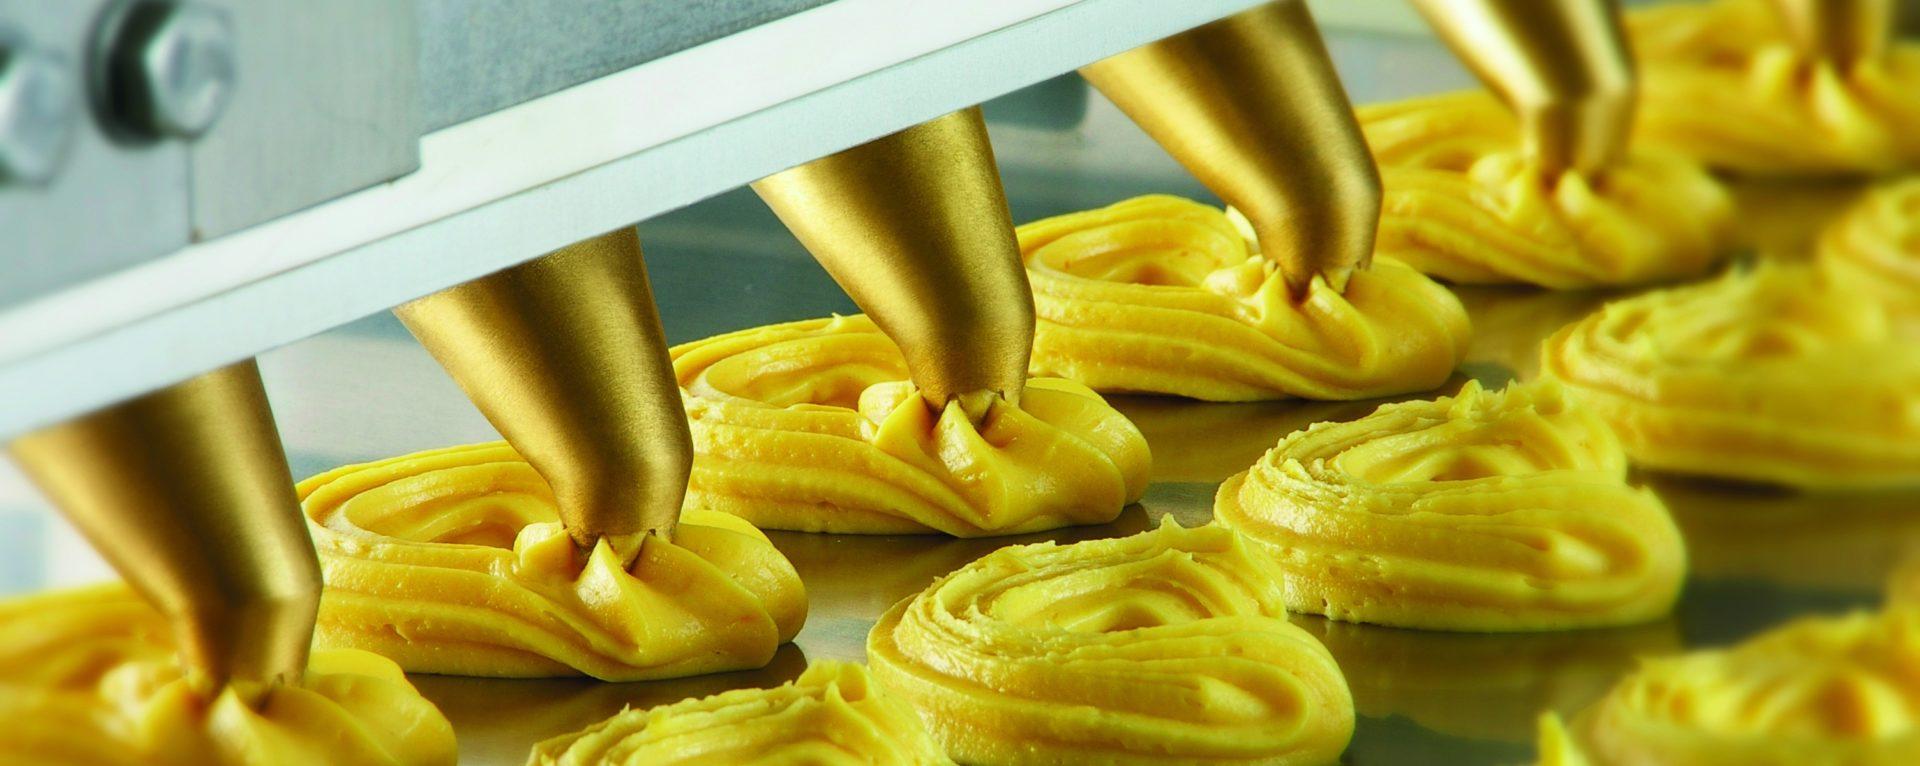 Bakery-equipment_tcm39-38967